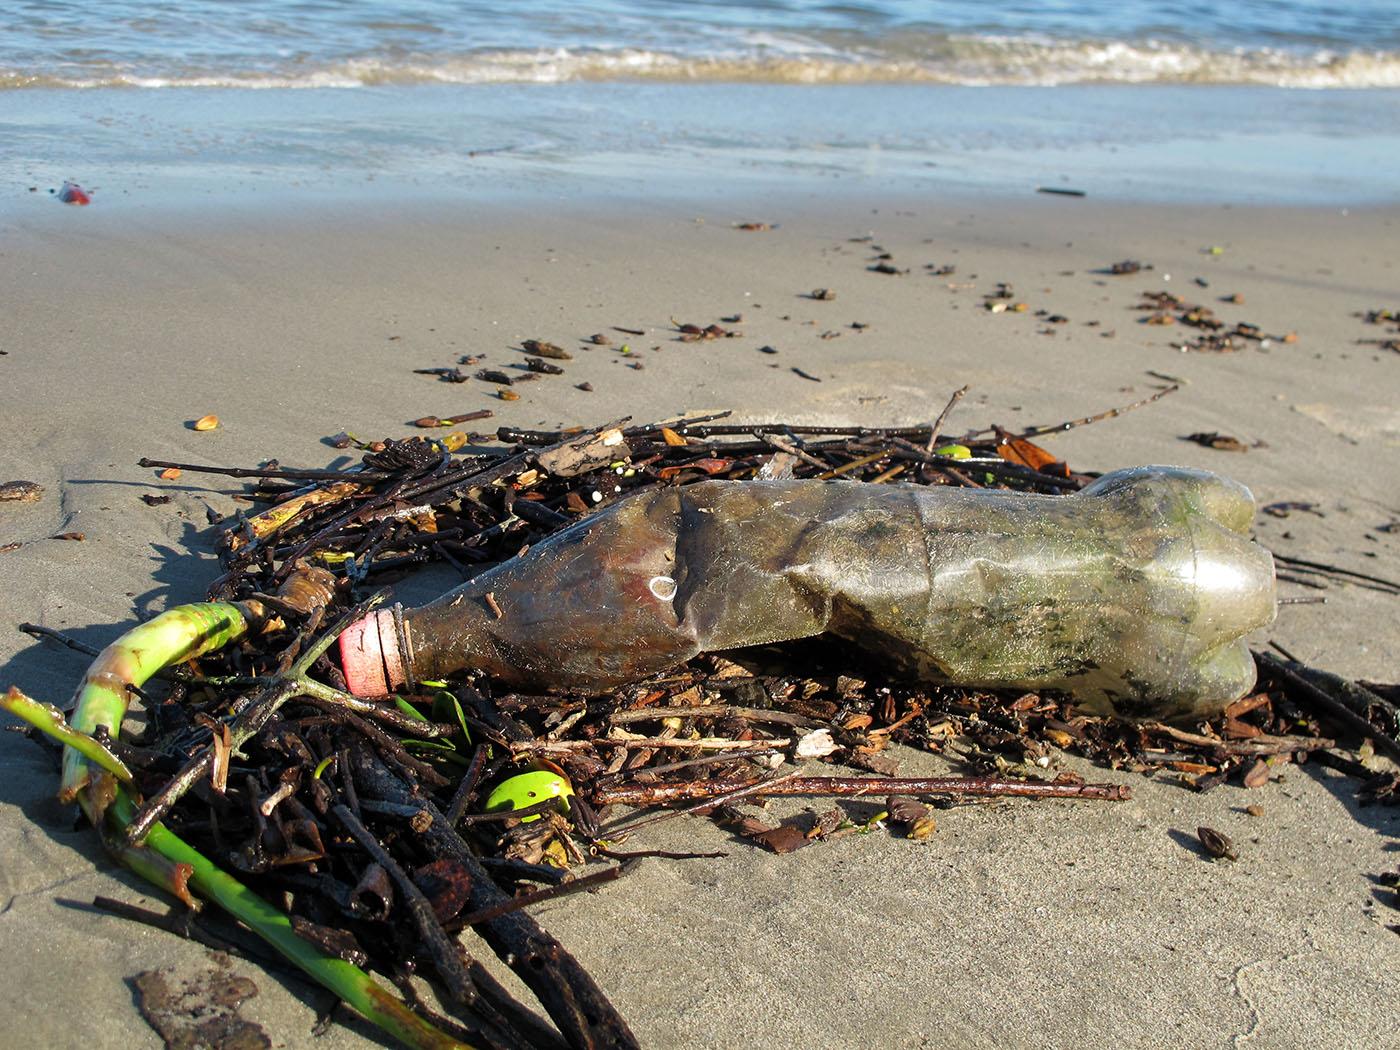 Garrafa jogada em praia